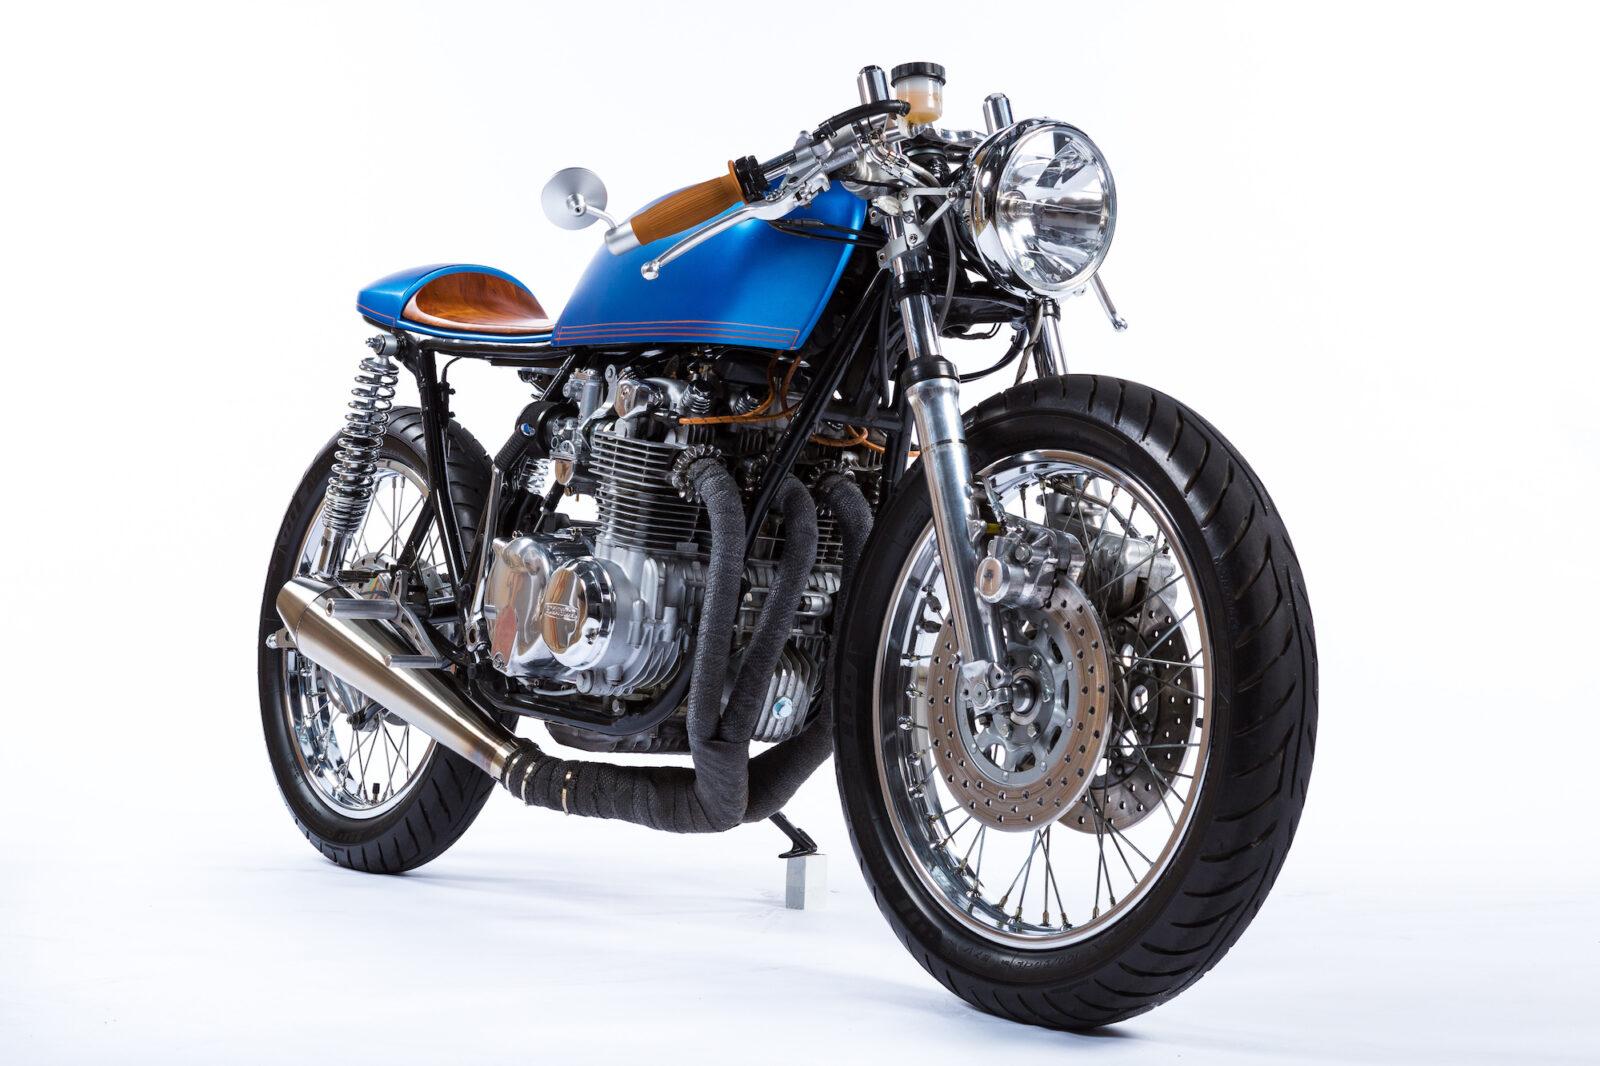 Honda CB550 Motorcycle 1600x1066 - MONNOM Honda CB550